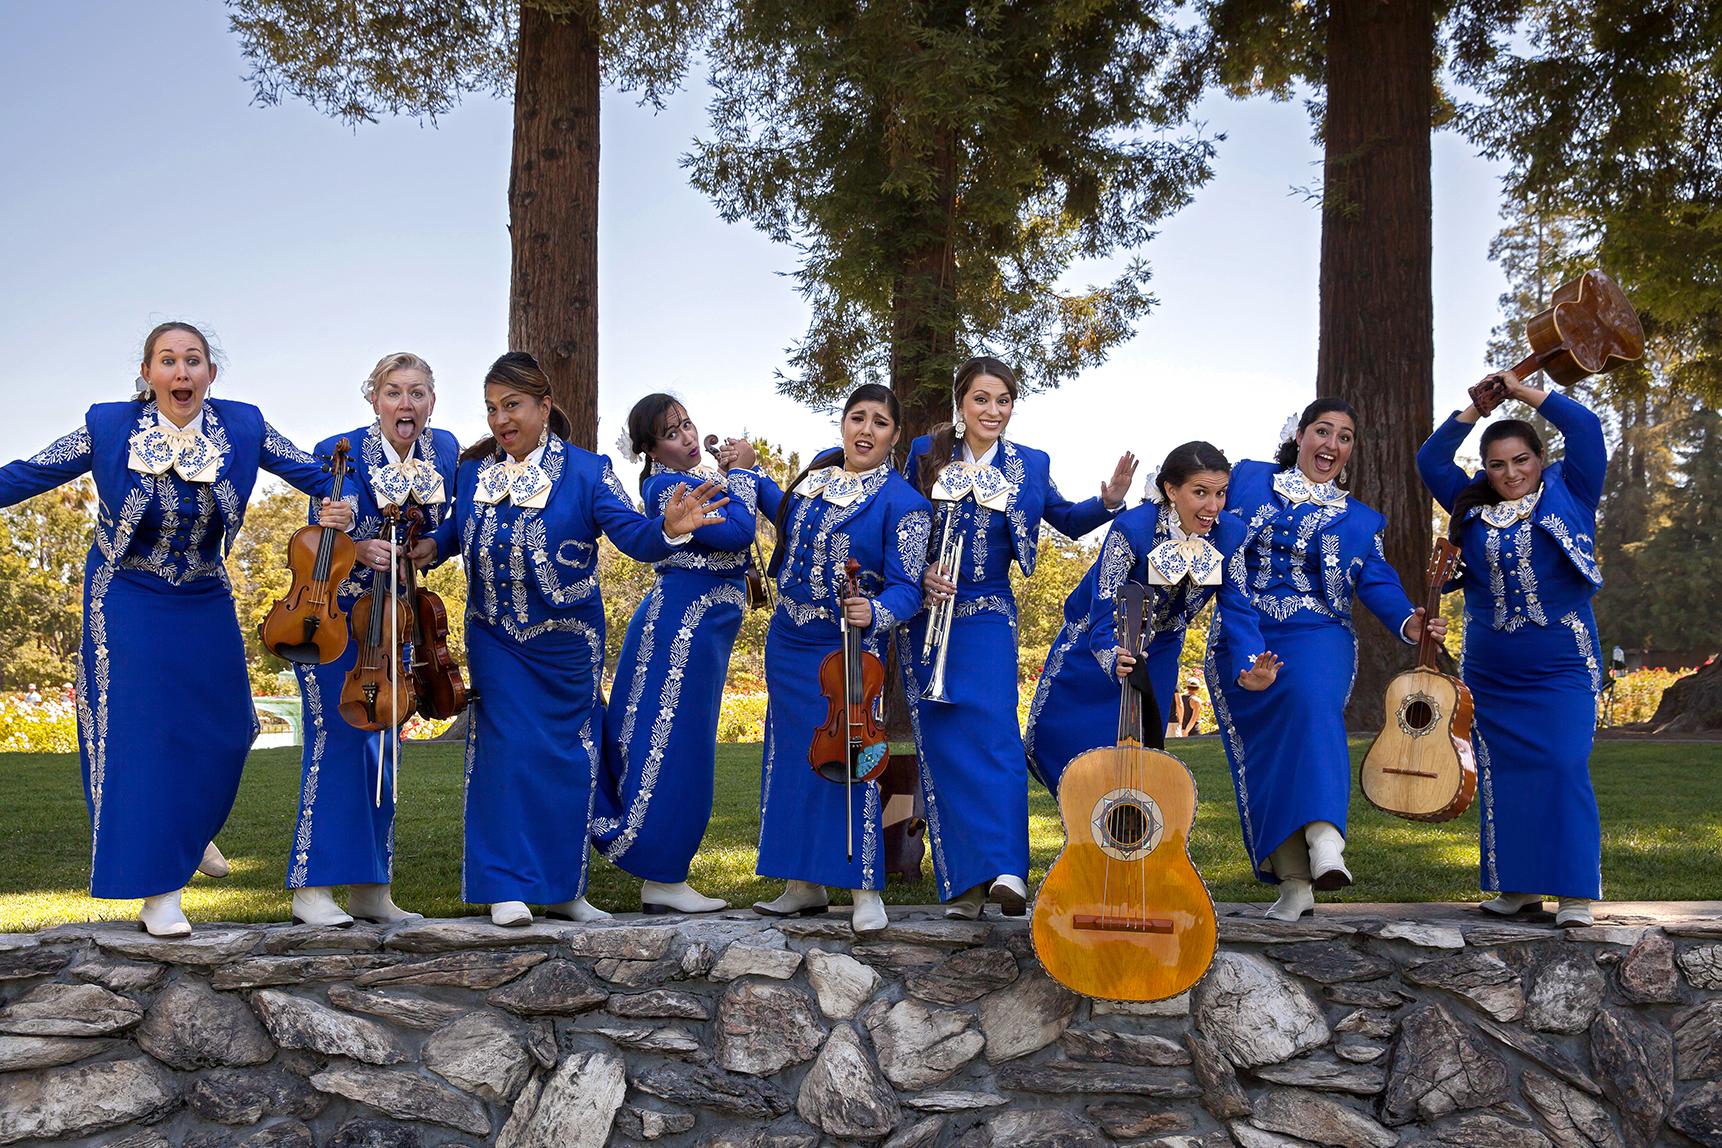 2016.07 - Mariachi Femenil Orgullo Mexicano 052_edited.jpg